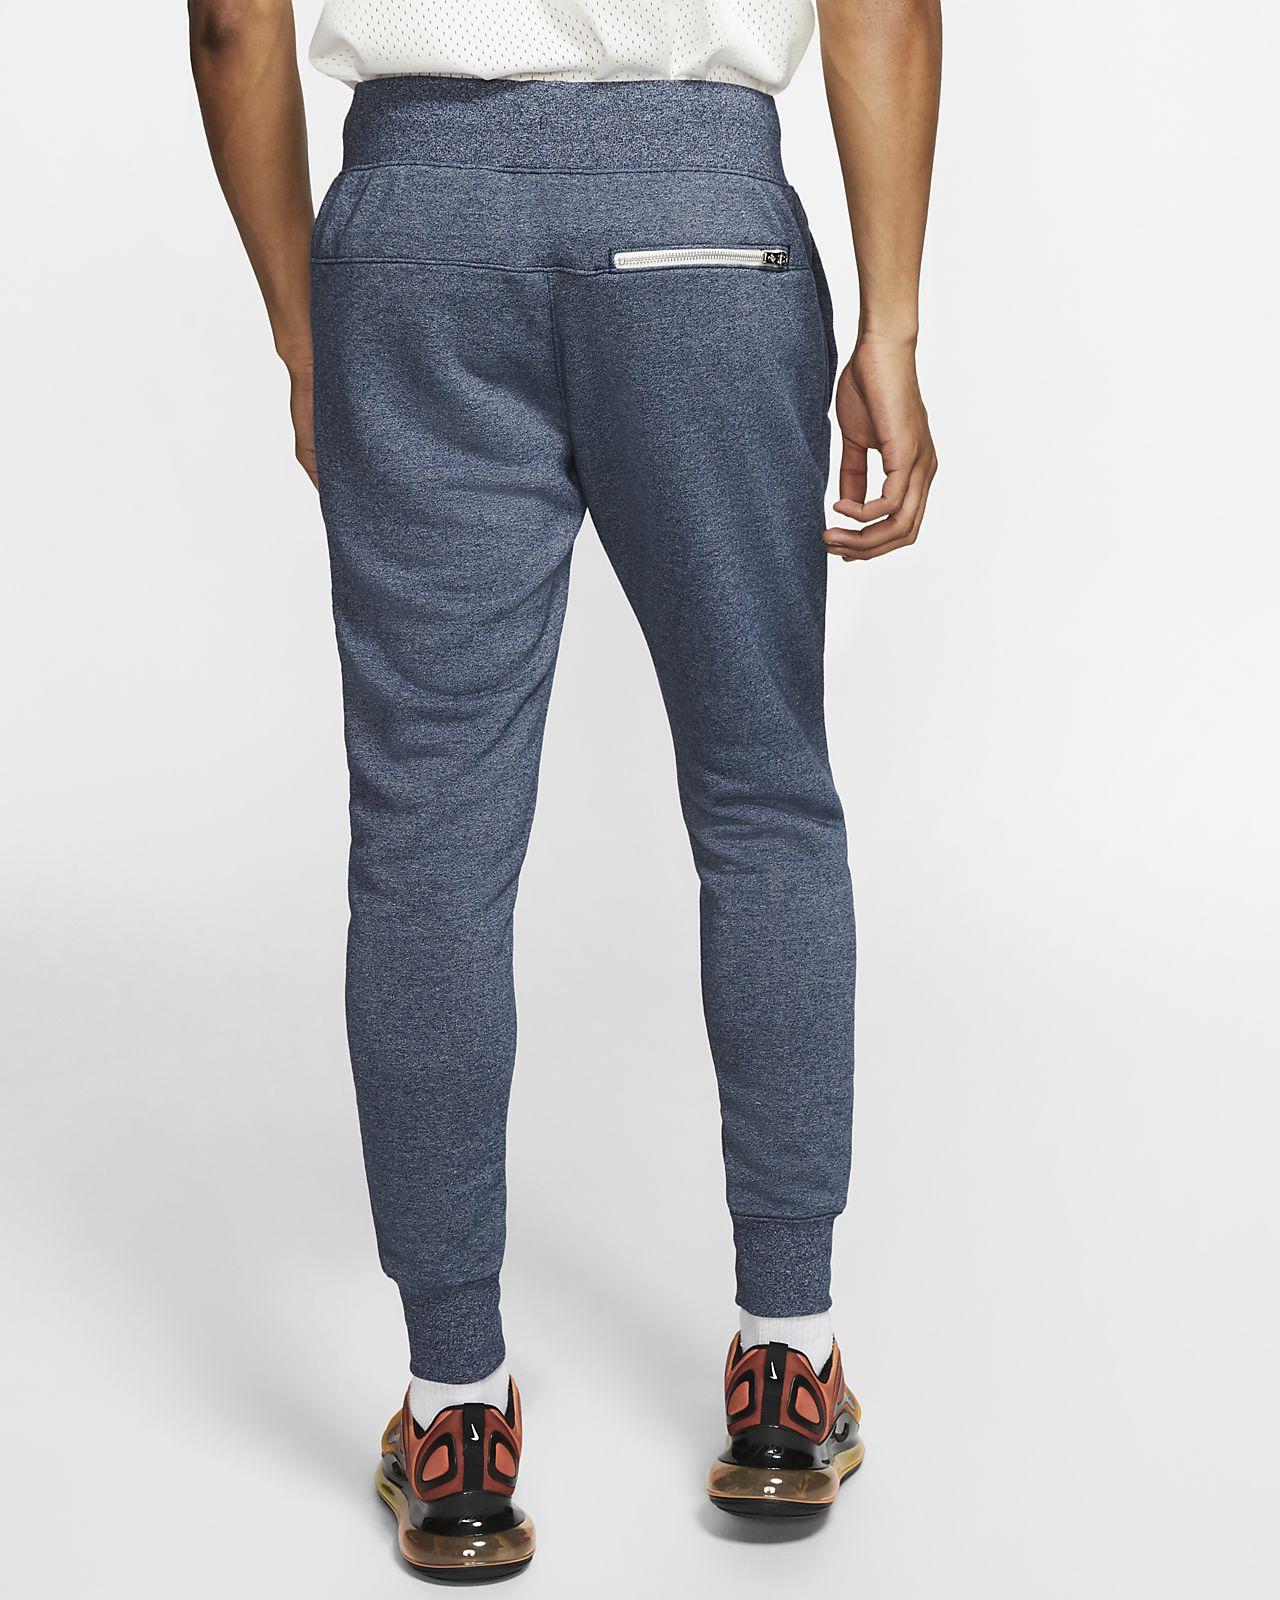 dirt cheap classic styles best sale Pantalon de jogging Nike Sportswear Heritage pour Homme